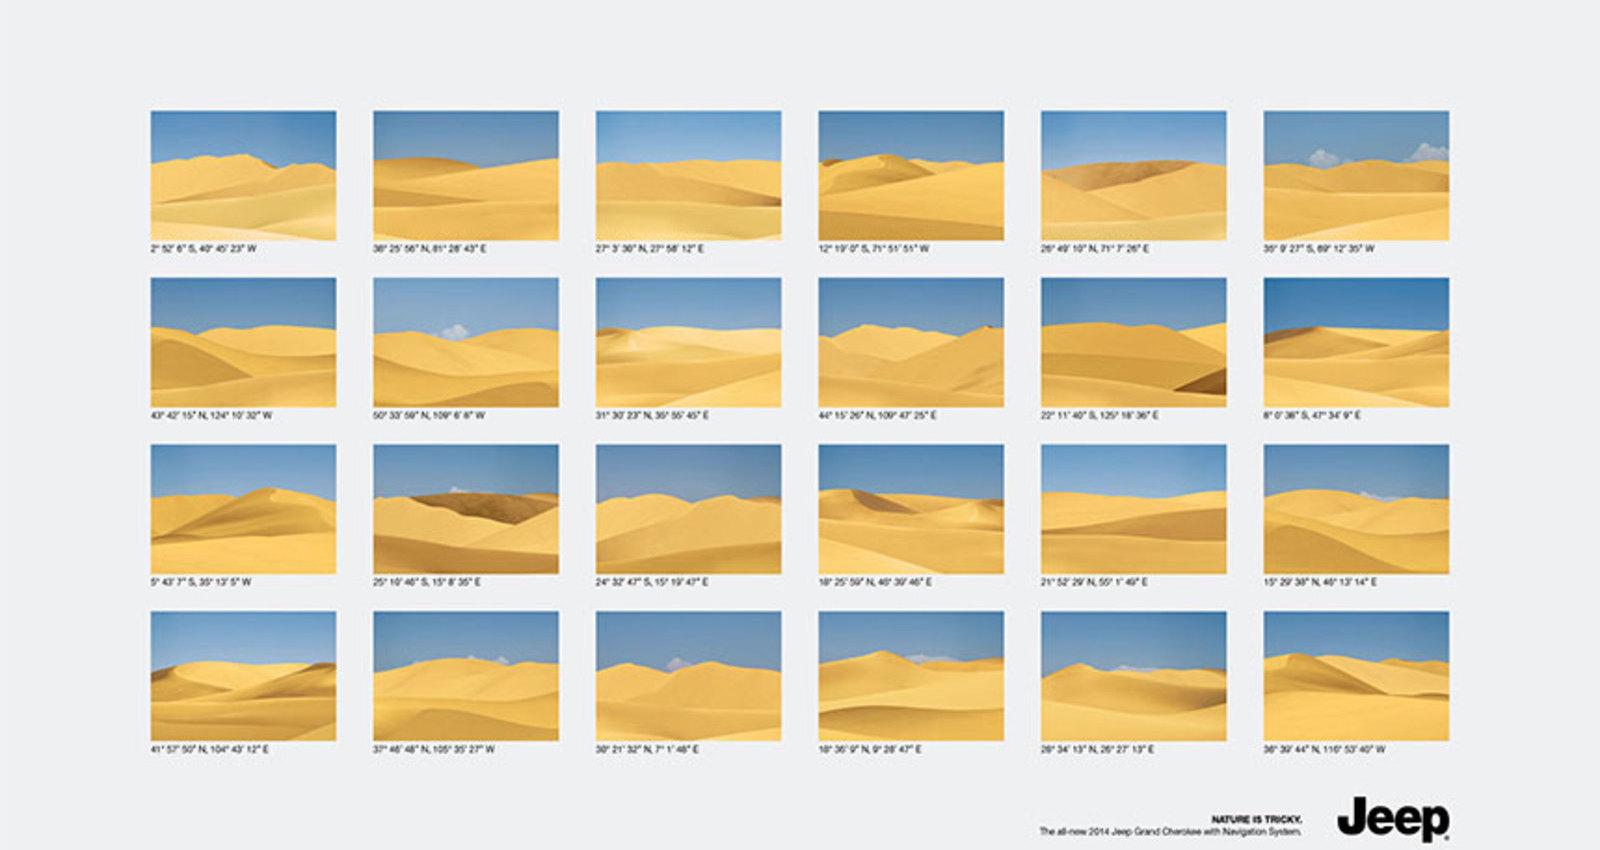 Coordinates: Deserts